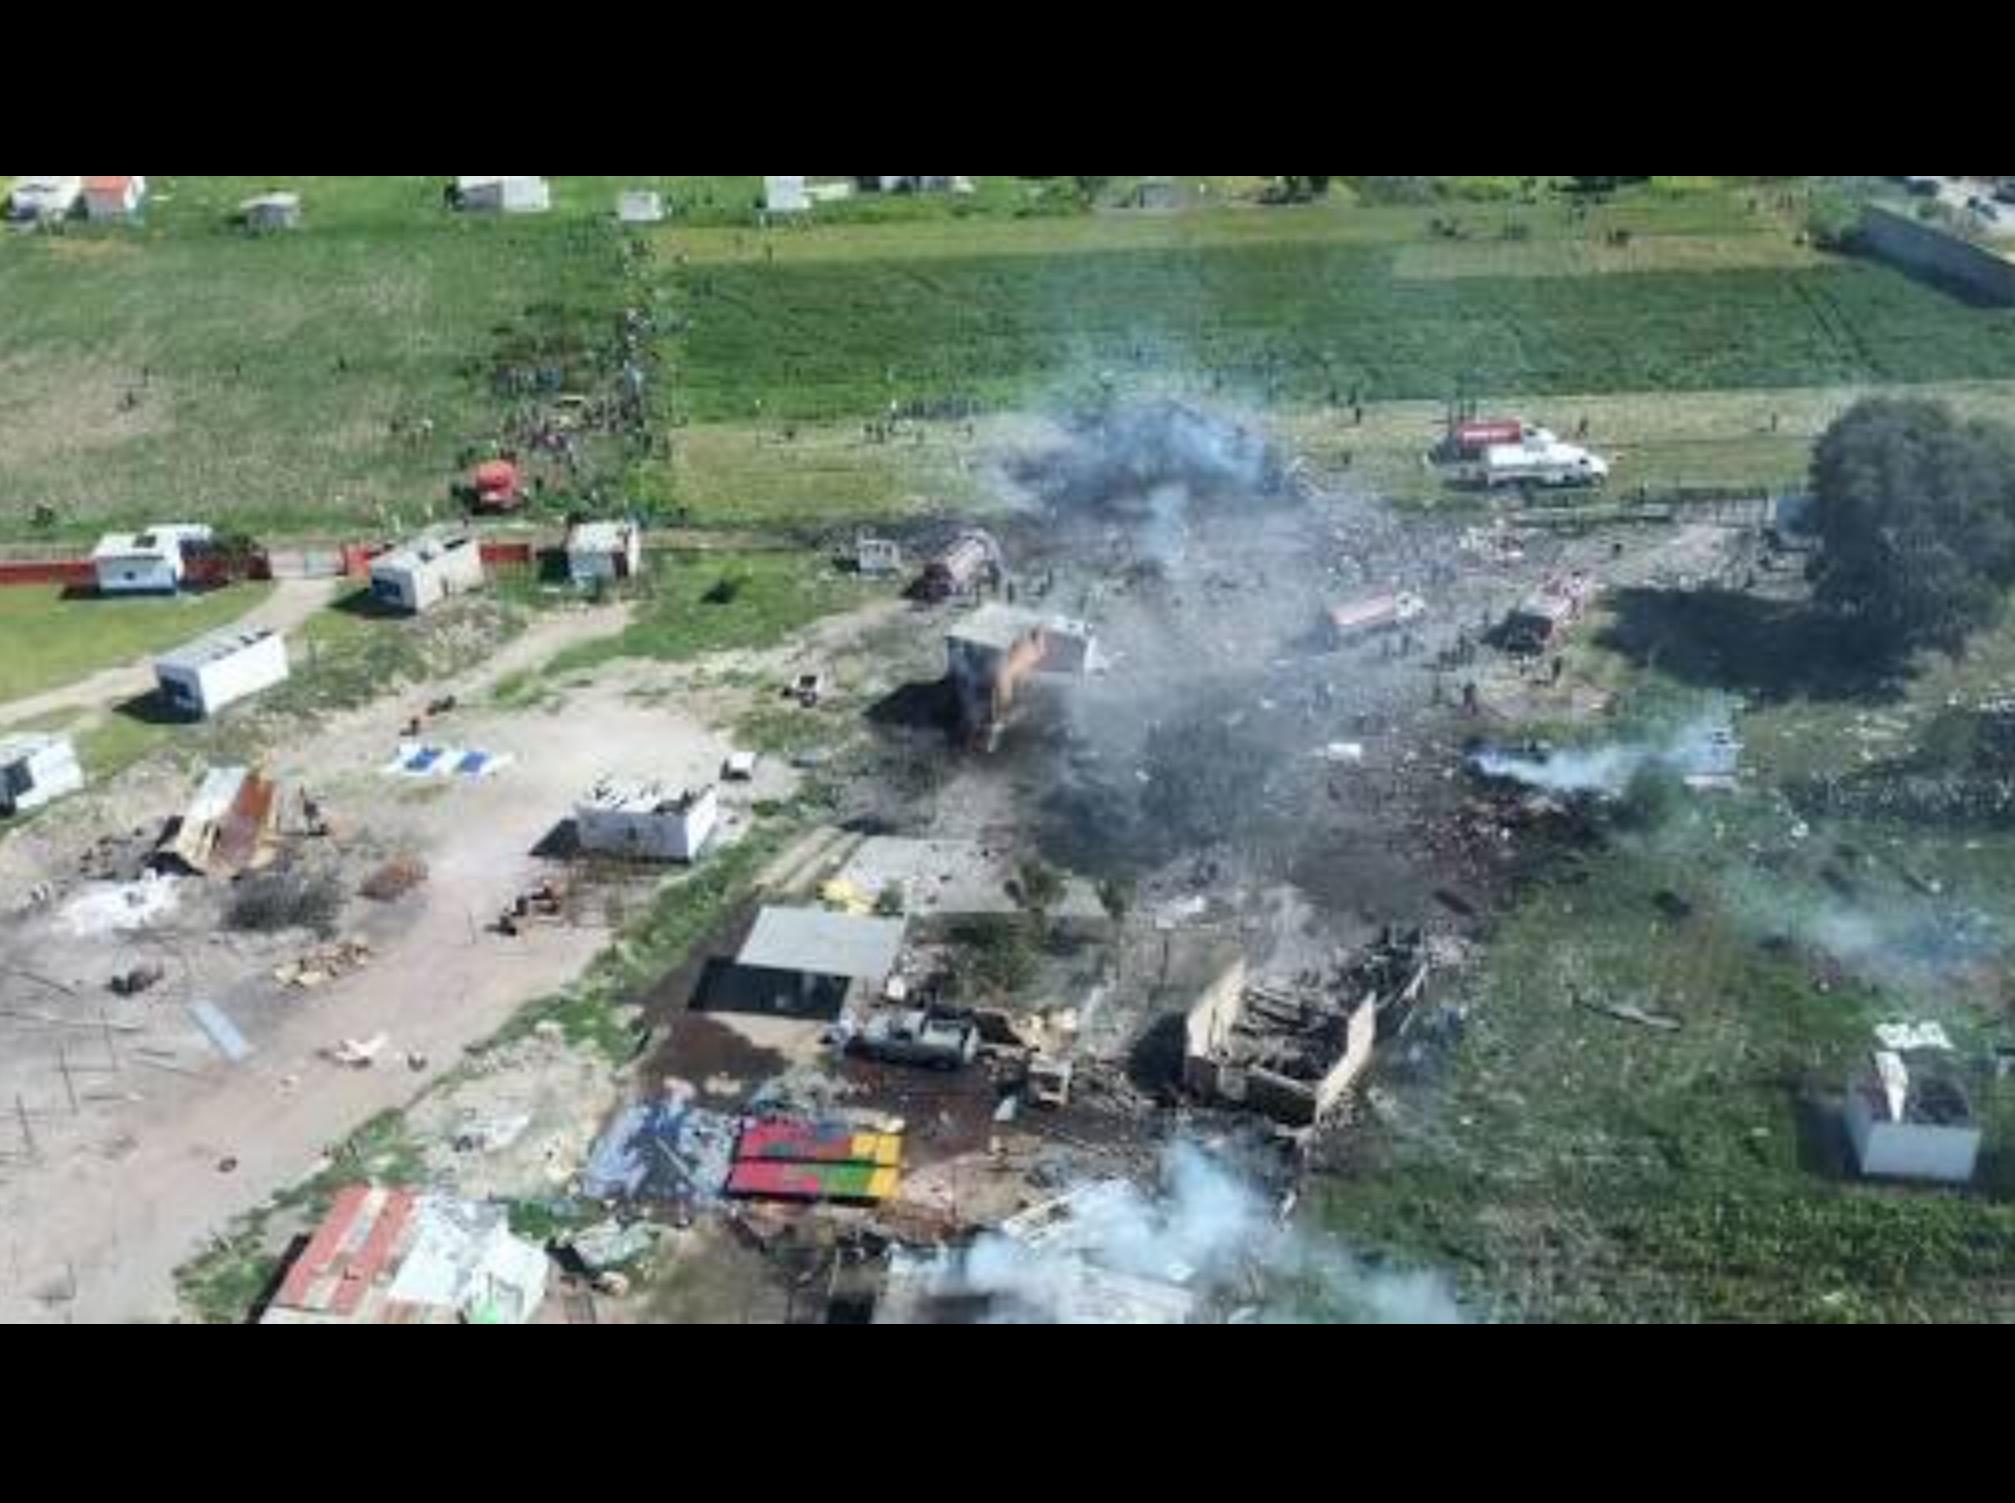 Solicita Codhem medidas precautorias por explosiones en Tultepec